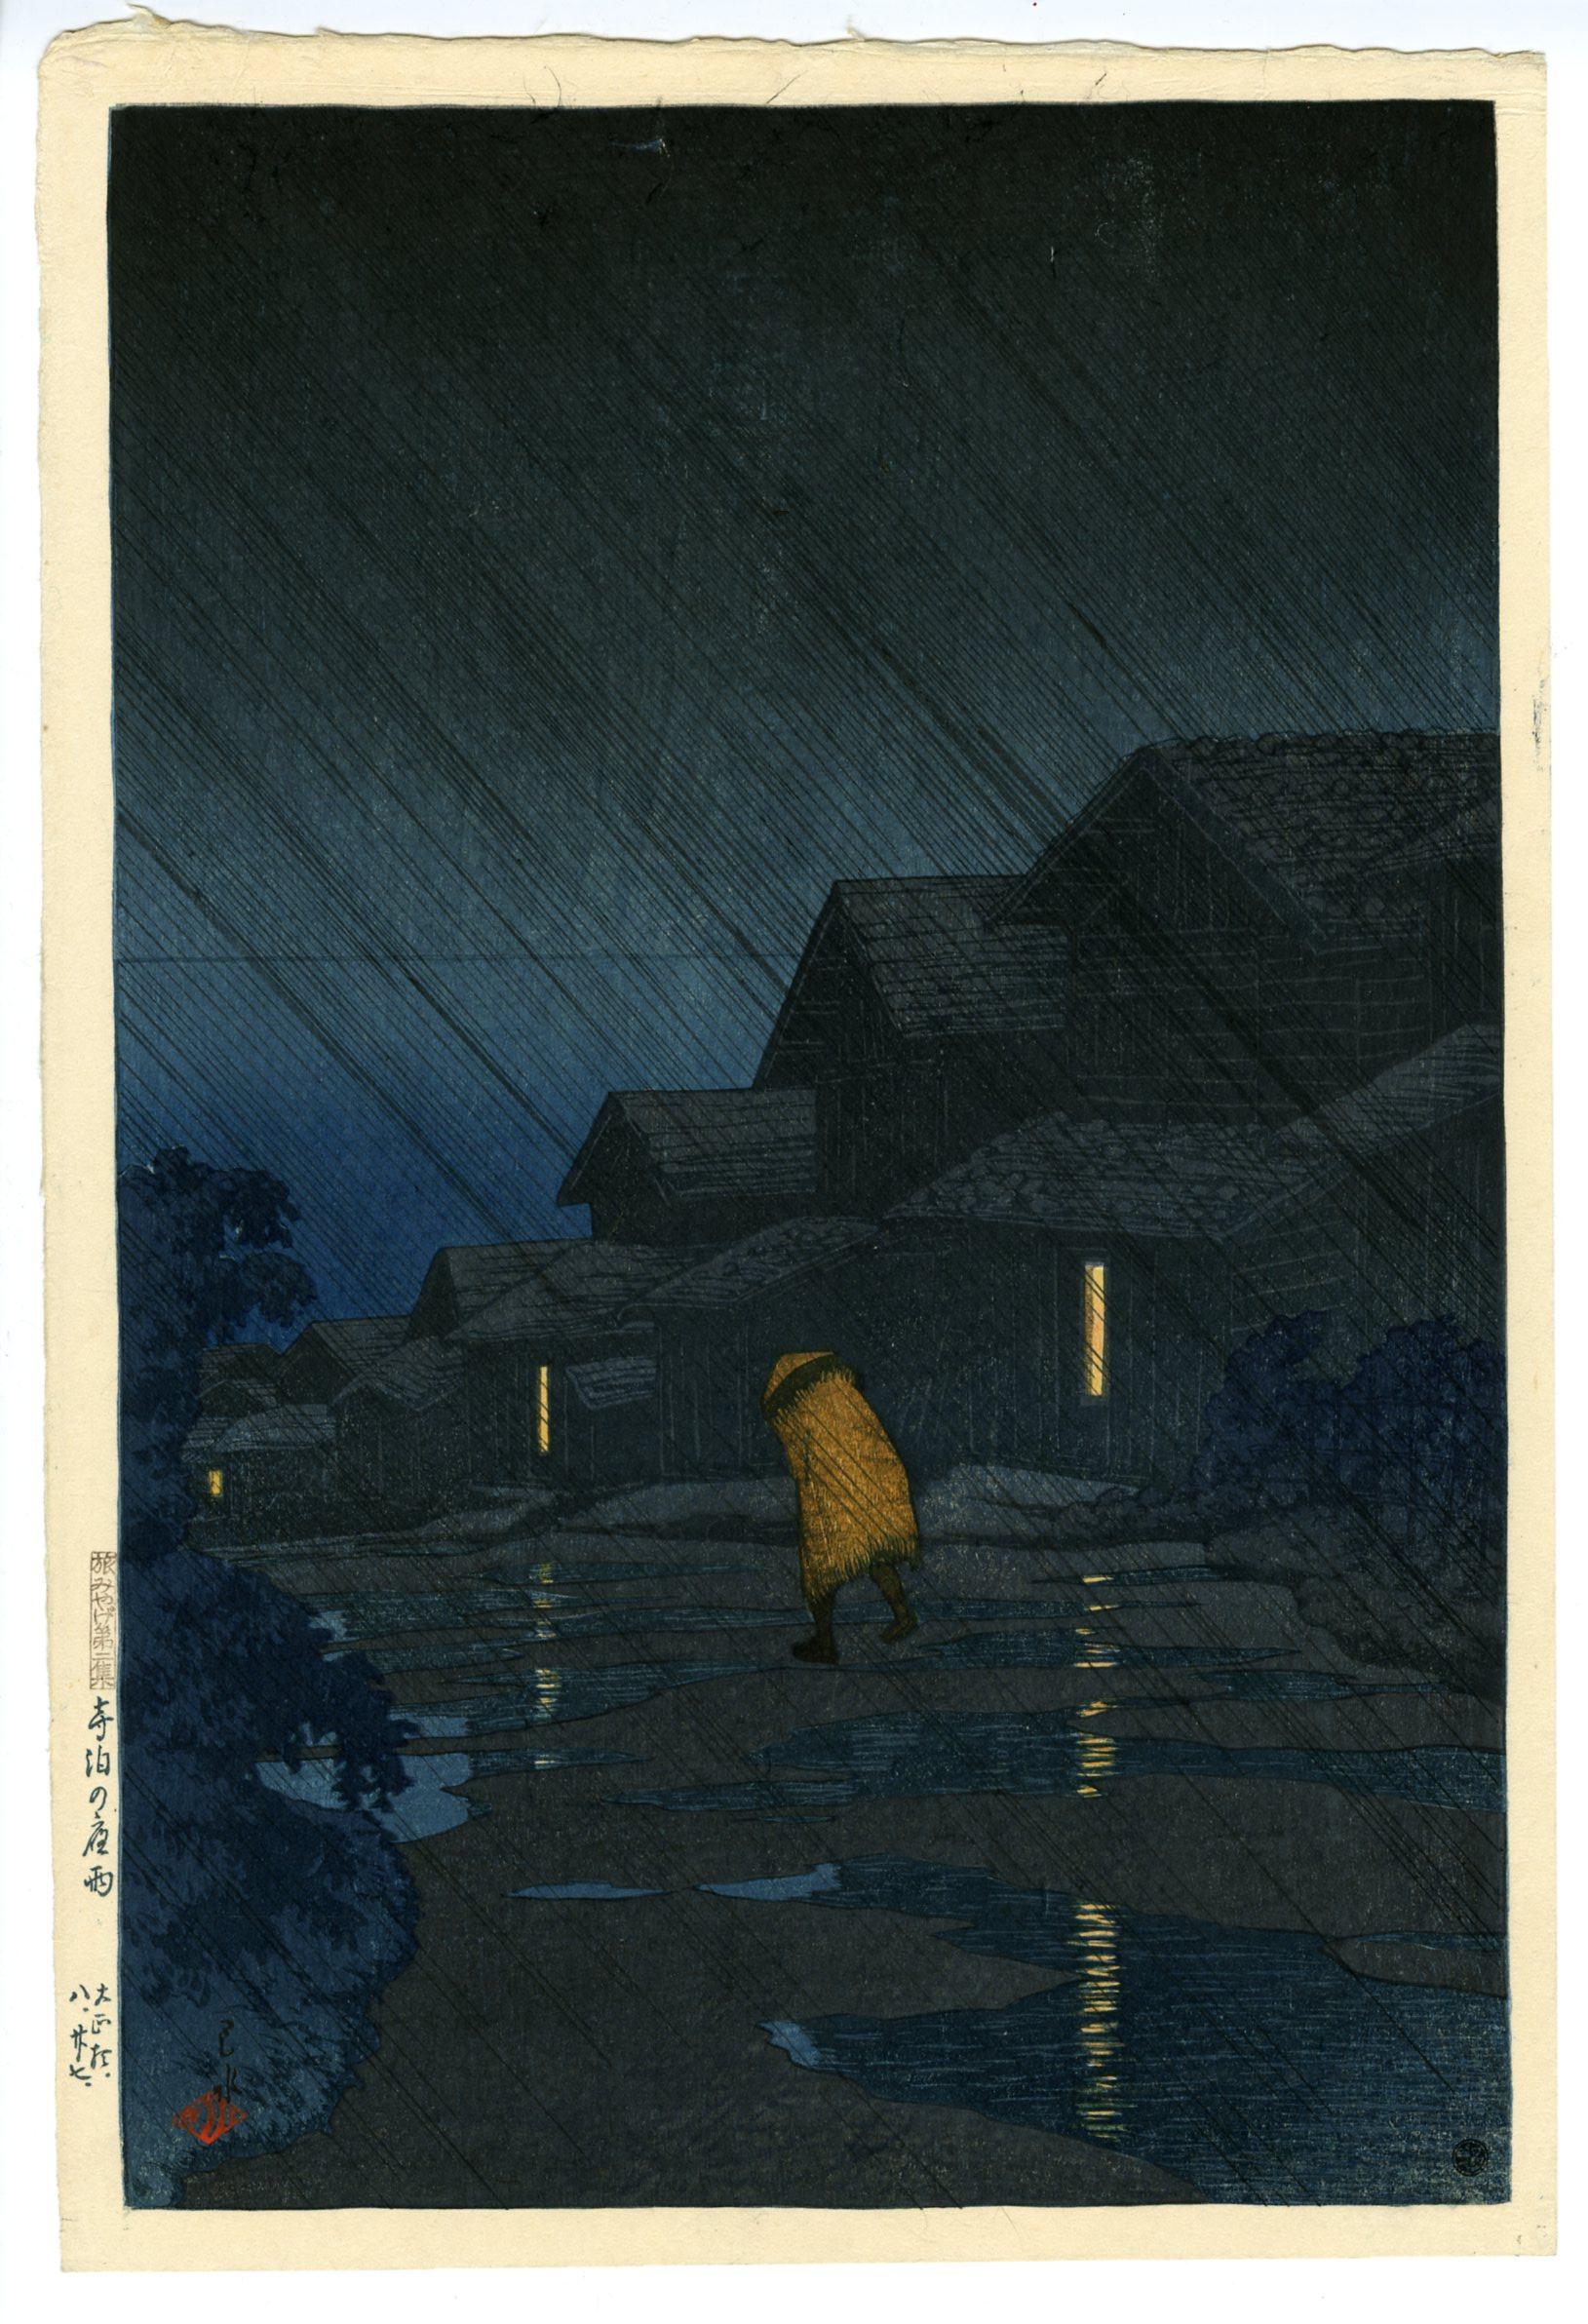 川瀬巴水「旅みやげ第二集 寺泊の夜雨」